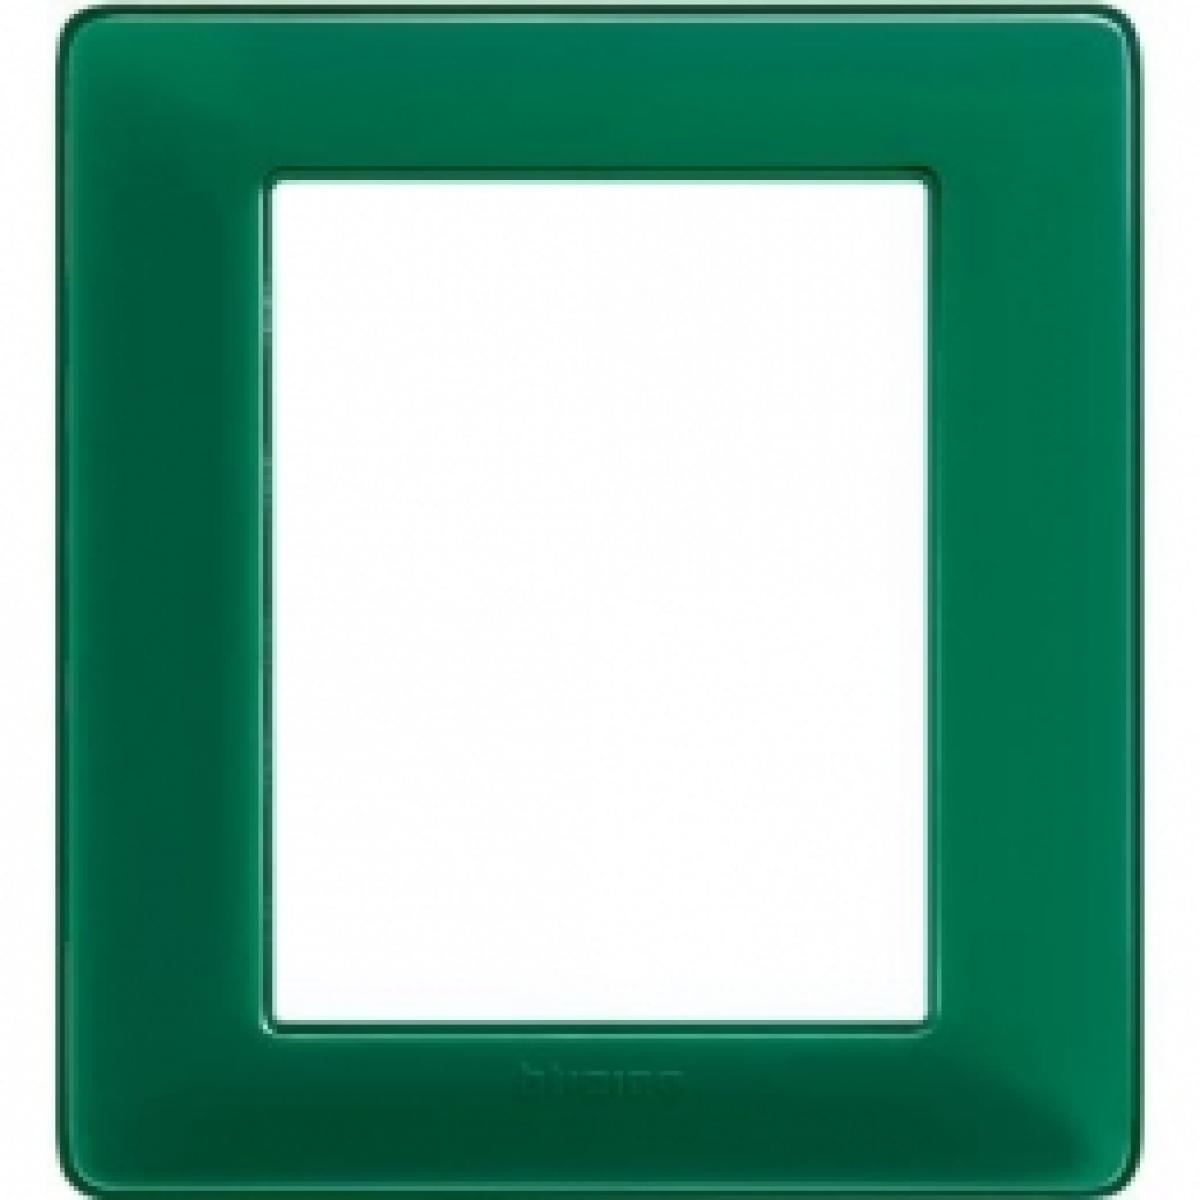 matix AM4826CVS  bticino placca 3+3 poli colore smeraldo